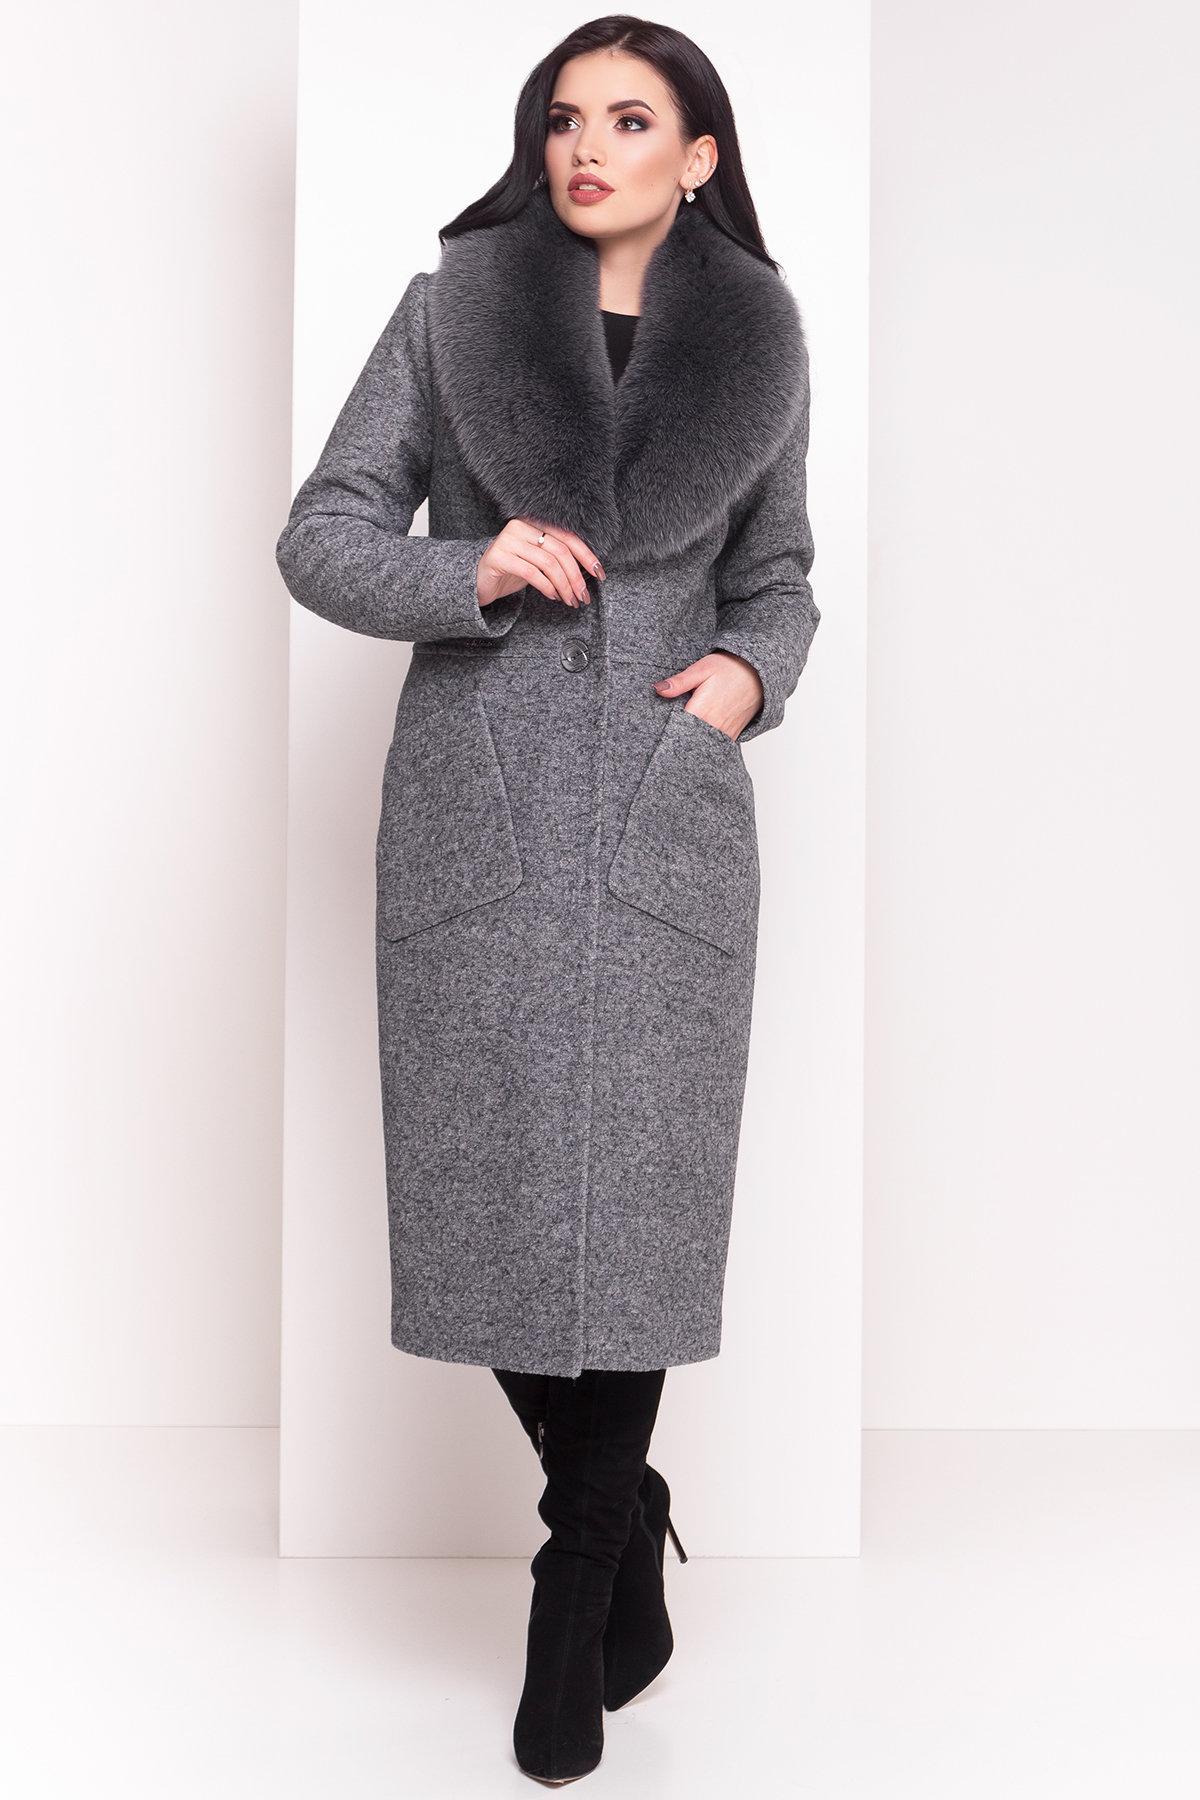 Зимнее пальто с воротником из песца Габриэлла 4150 АРТ. 20300 Цвет: Серый Темный LW-5 - фото 2, интернет магазин tm-modus.ru